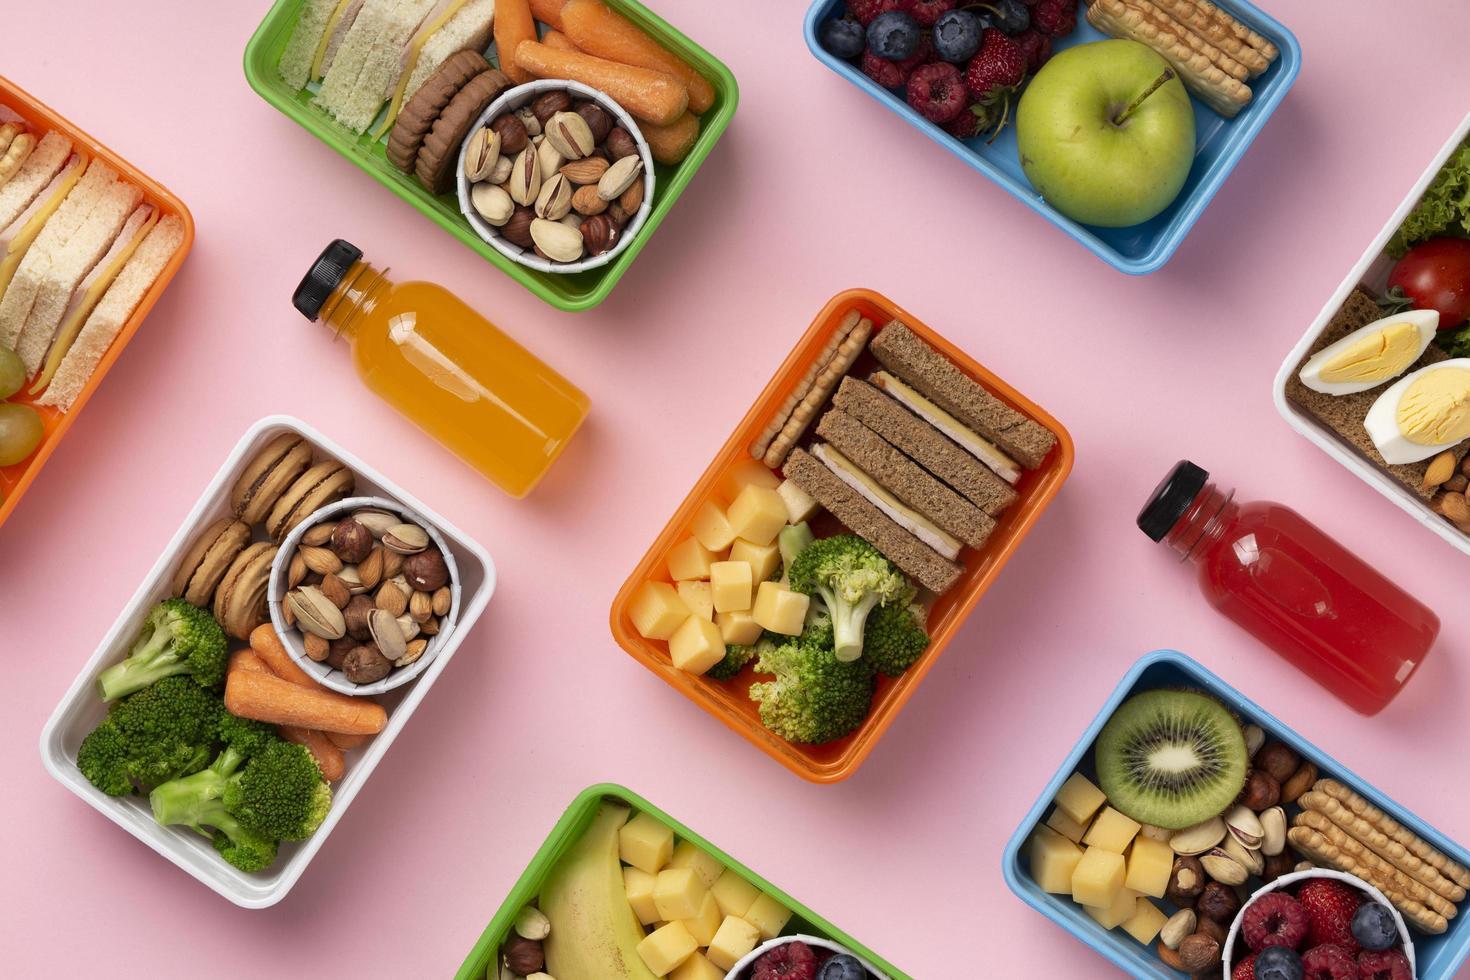 bovenaanzicht eten lunchboxen assortiment foto